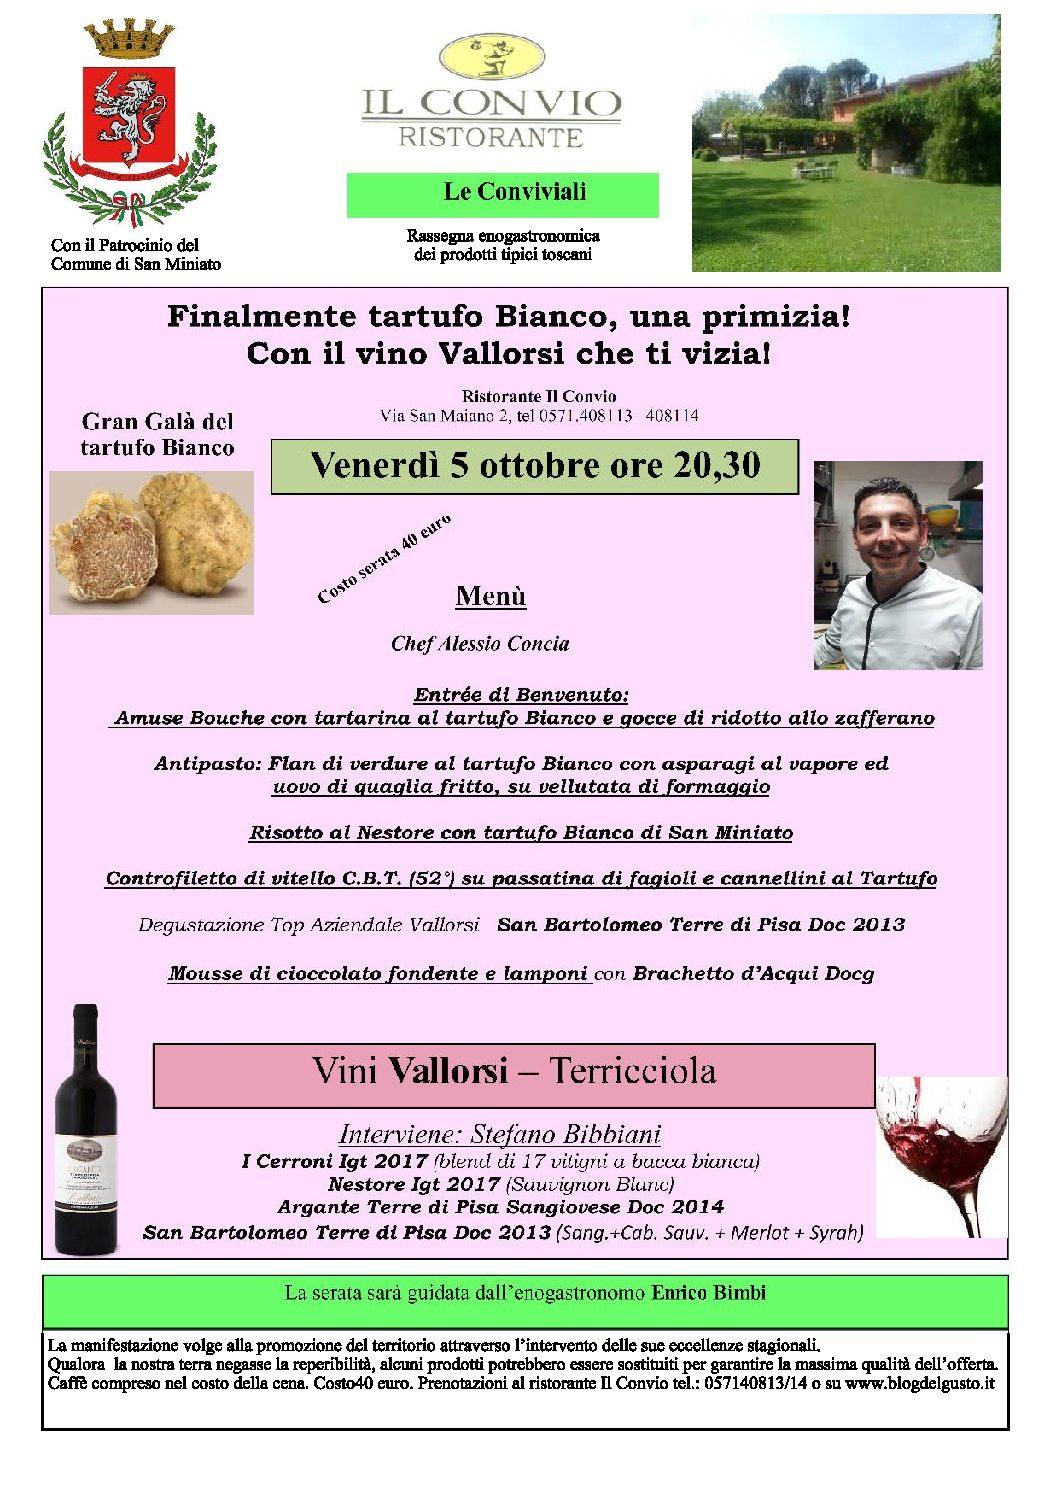 Fantastico Gran Galà del tartufo Bianco al Convio venerdì 5 ottobre con piatti di alta cucina e super vini